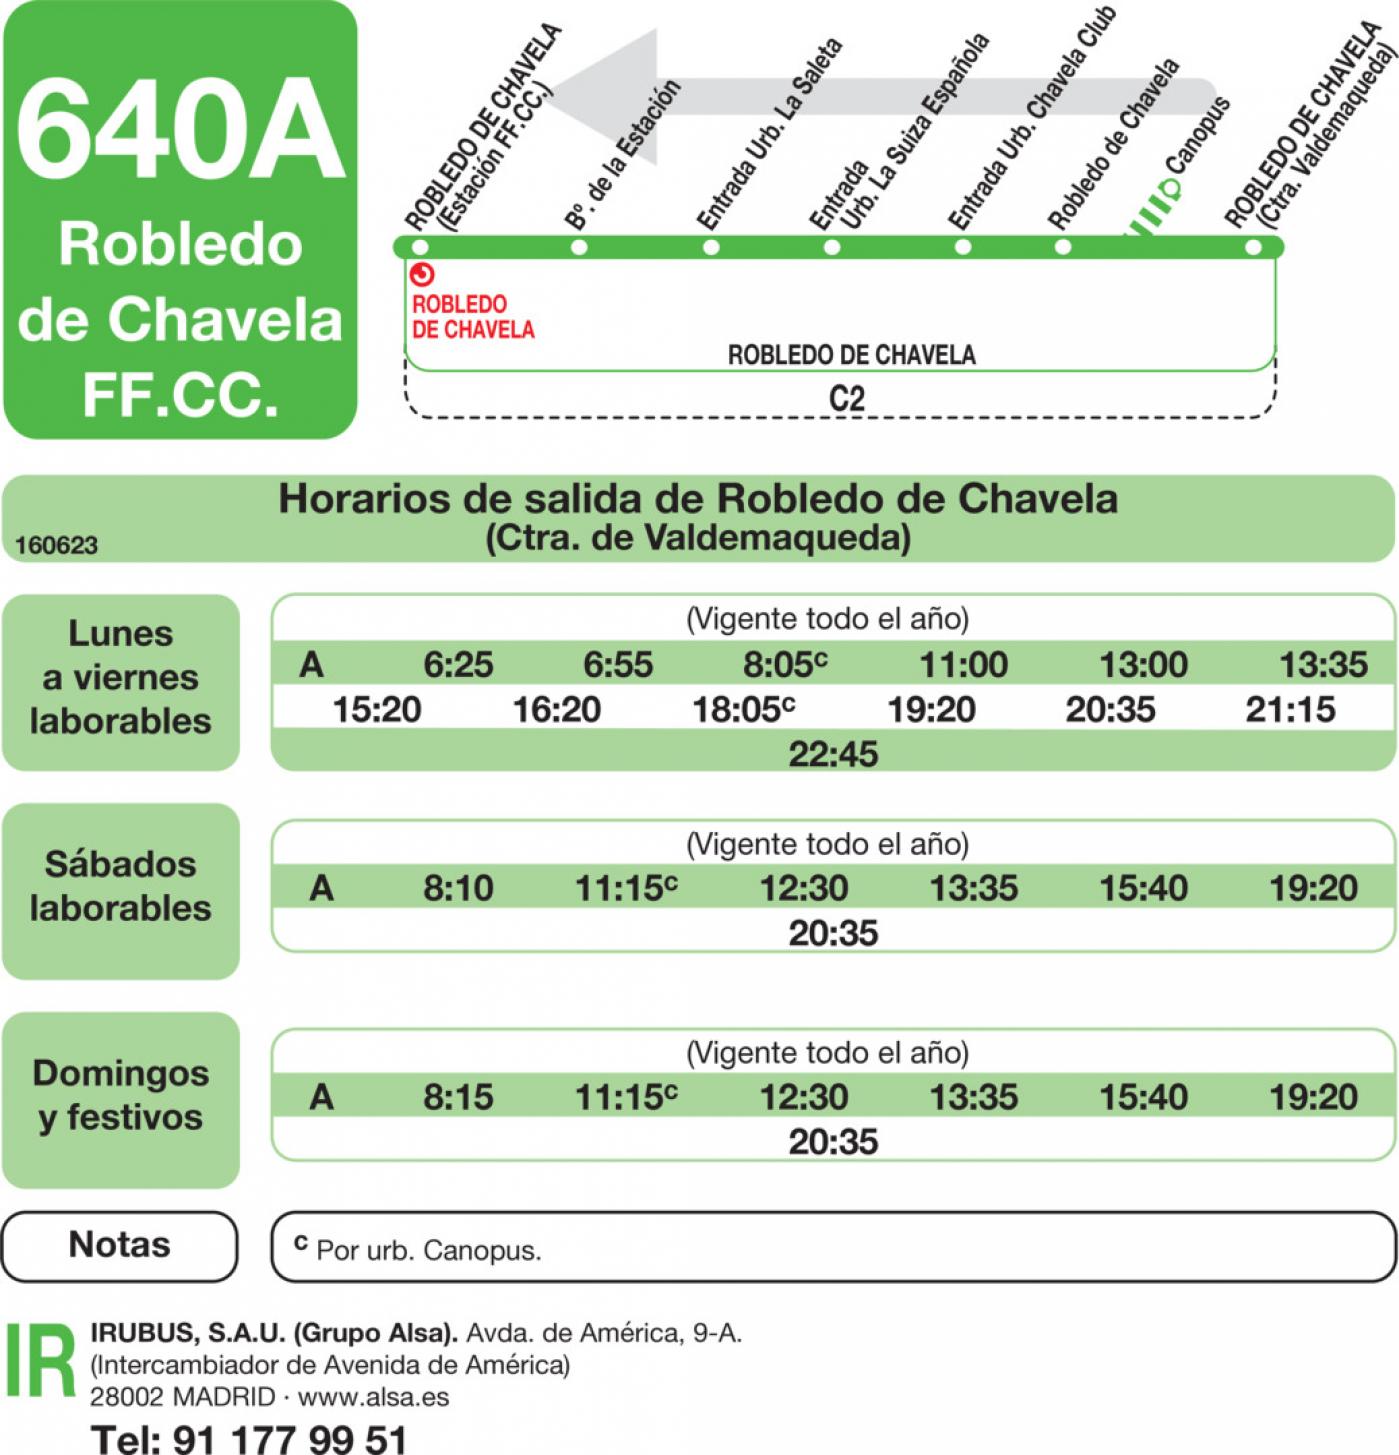 Tabla de horarios y frecuencias de paso en sentido vuelta Línea 640-A: Robledo de Chavela (RENFE) - Valdemaqueda